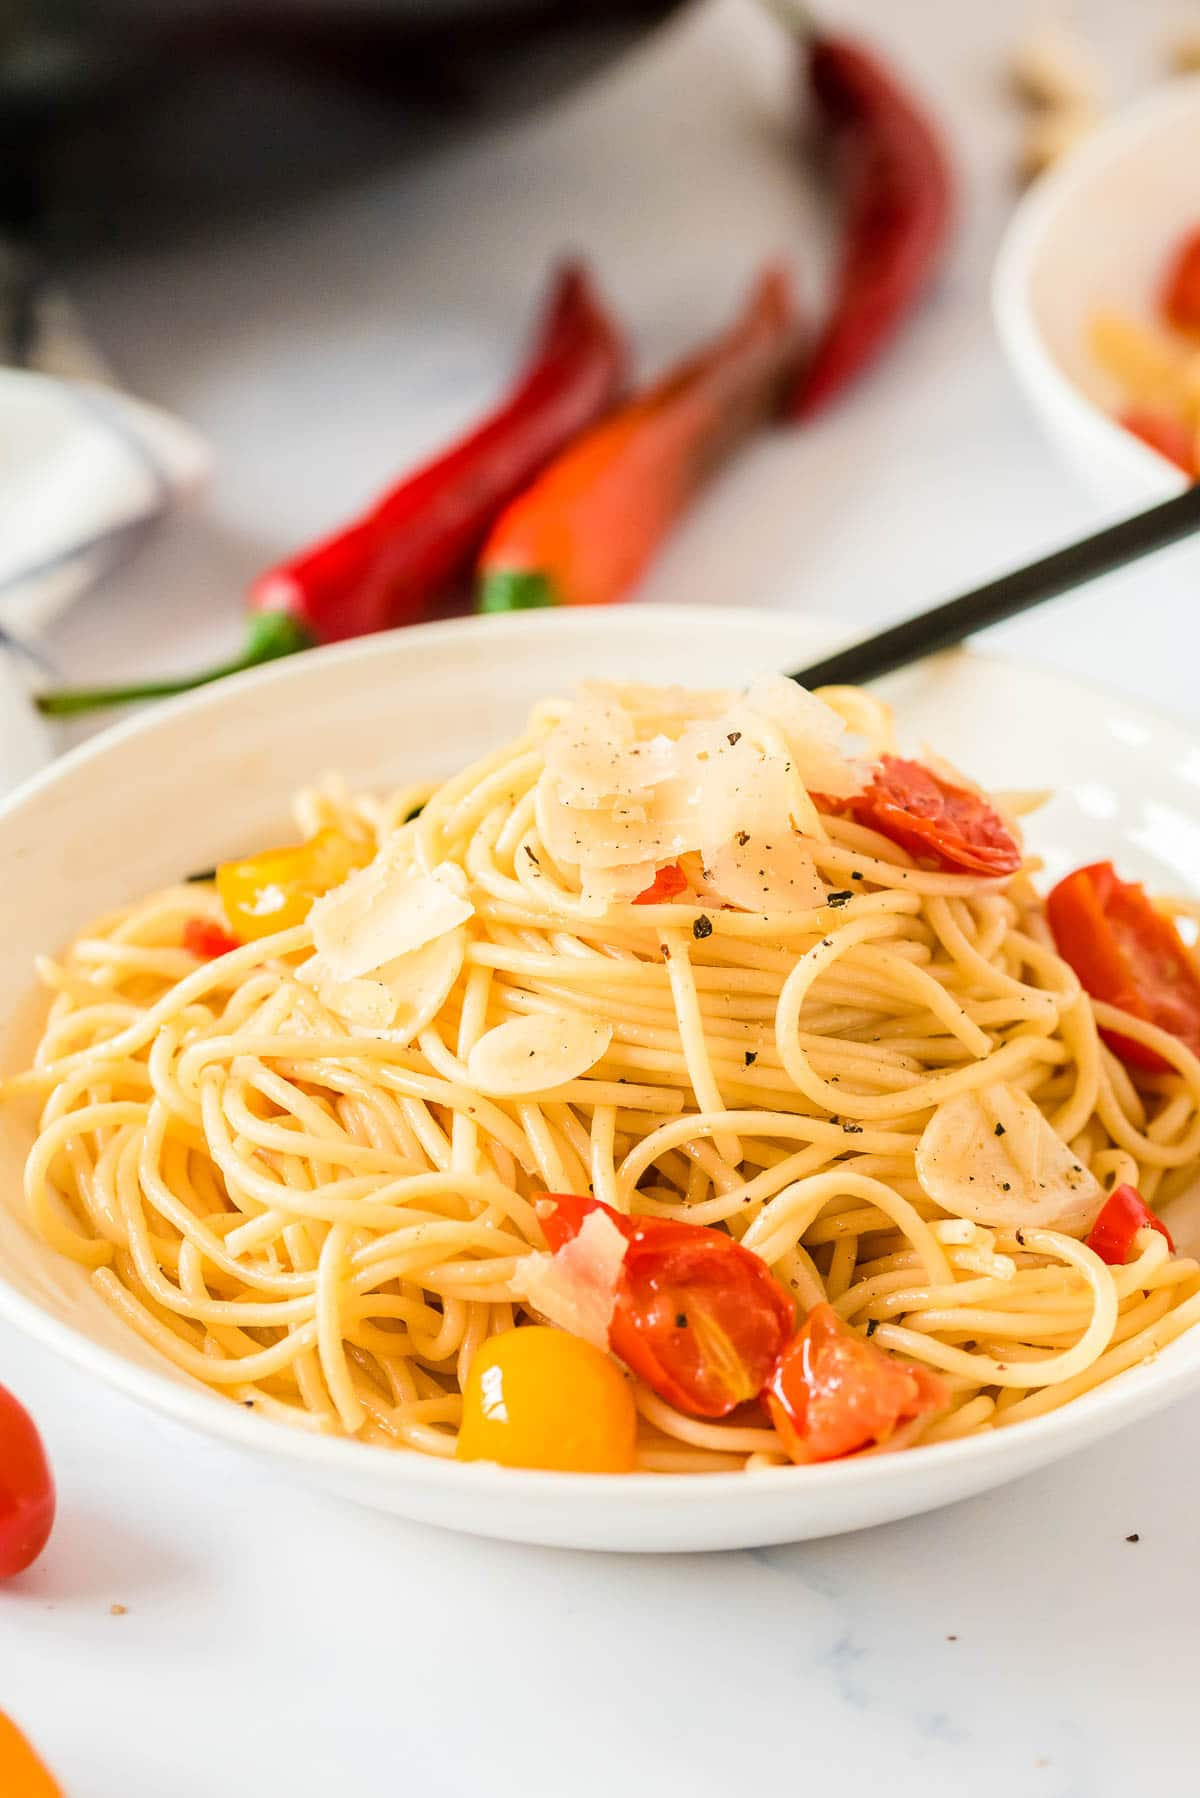 bowl of spaghetti aglio e olio side view